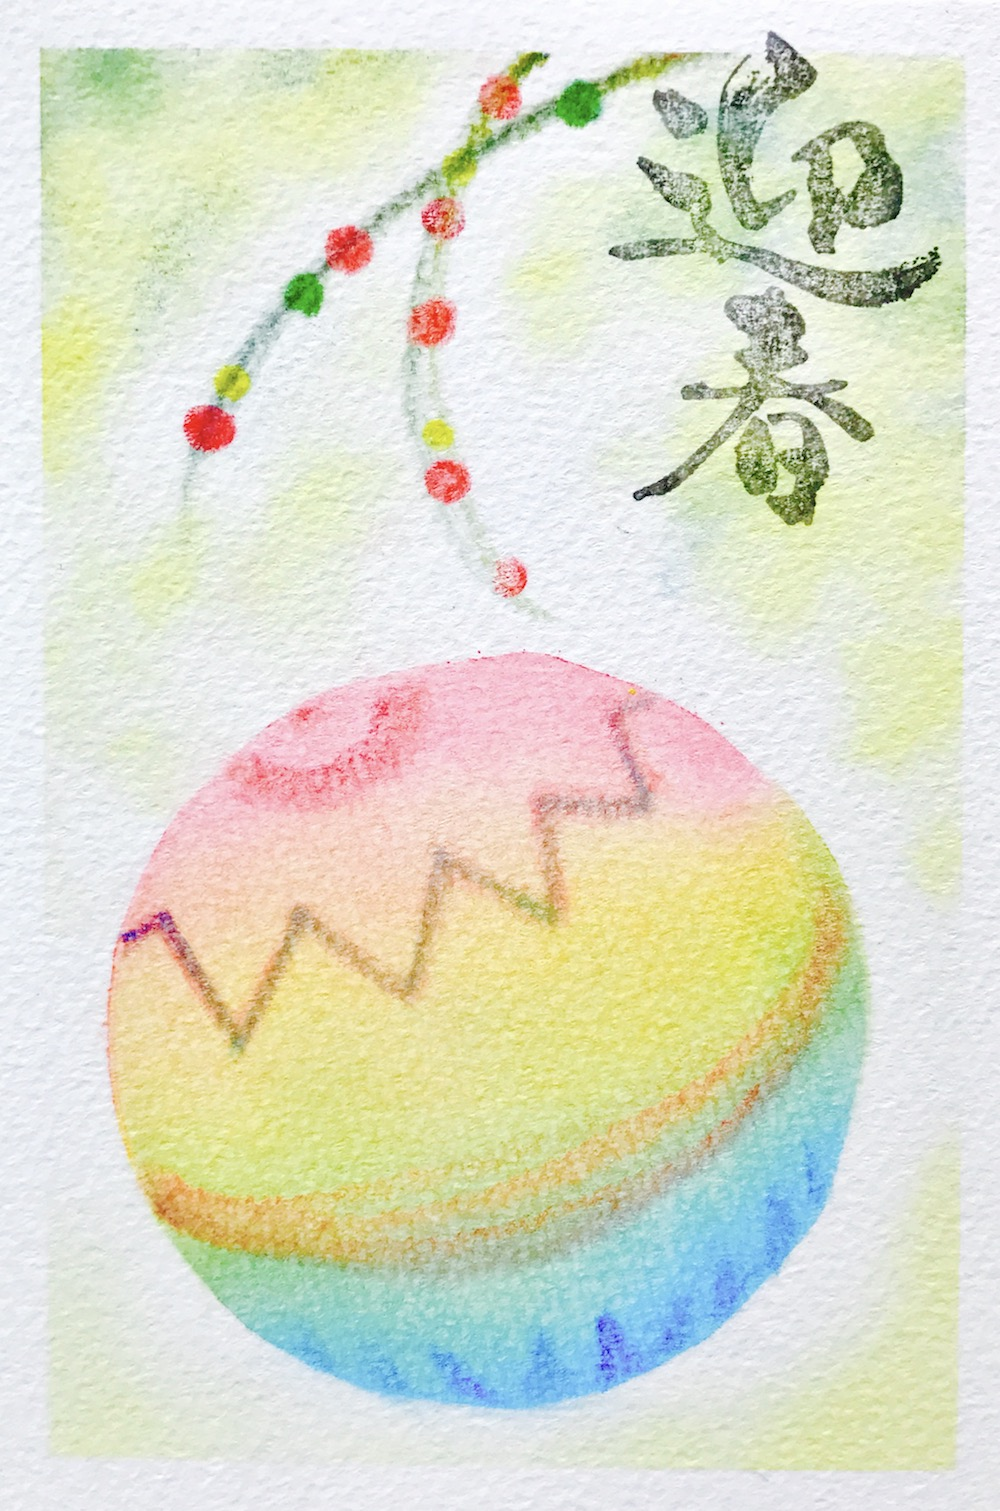 3色パステルアート冬お正月年賀状の作品